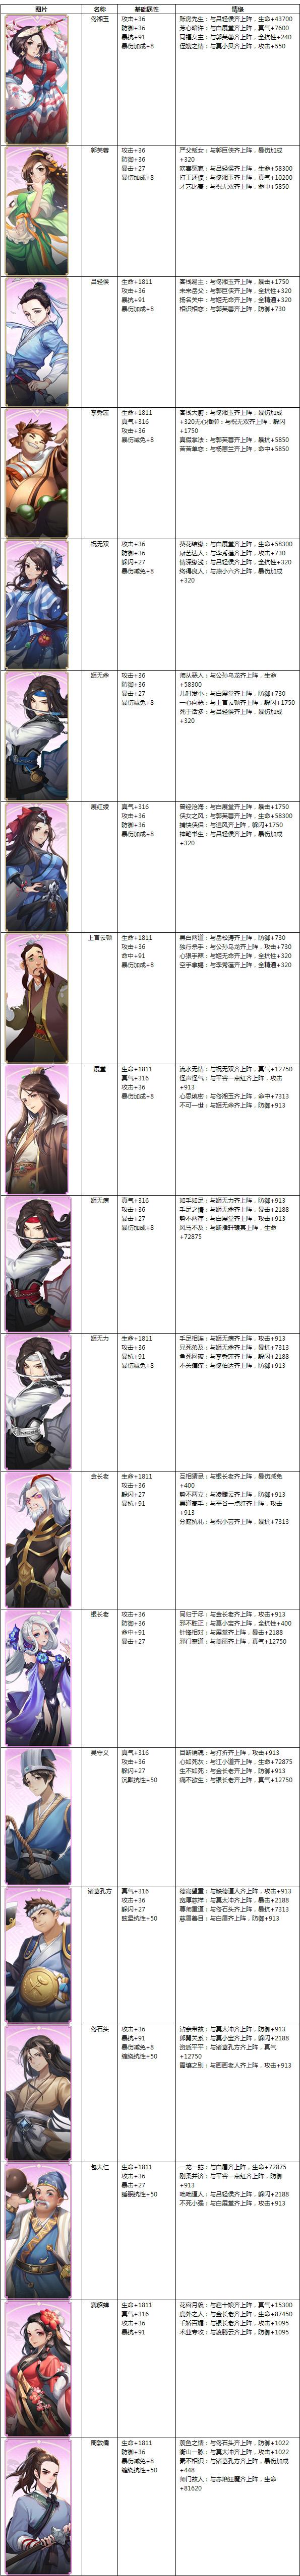 图片: 侠影图鉴-紫卡.jpg